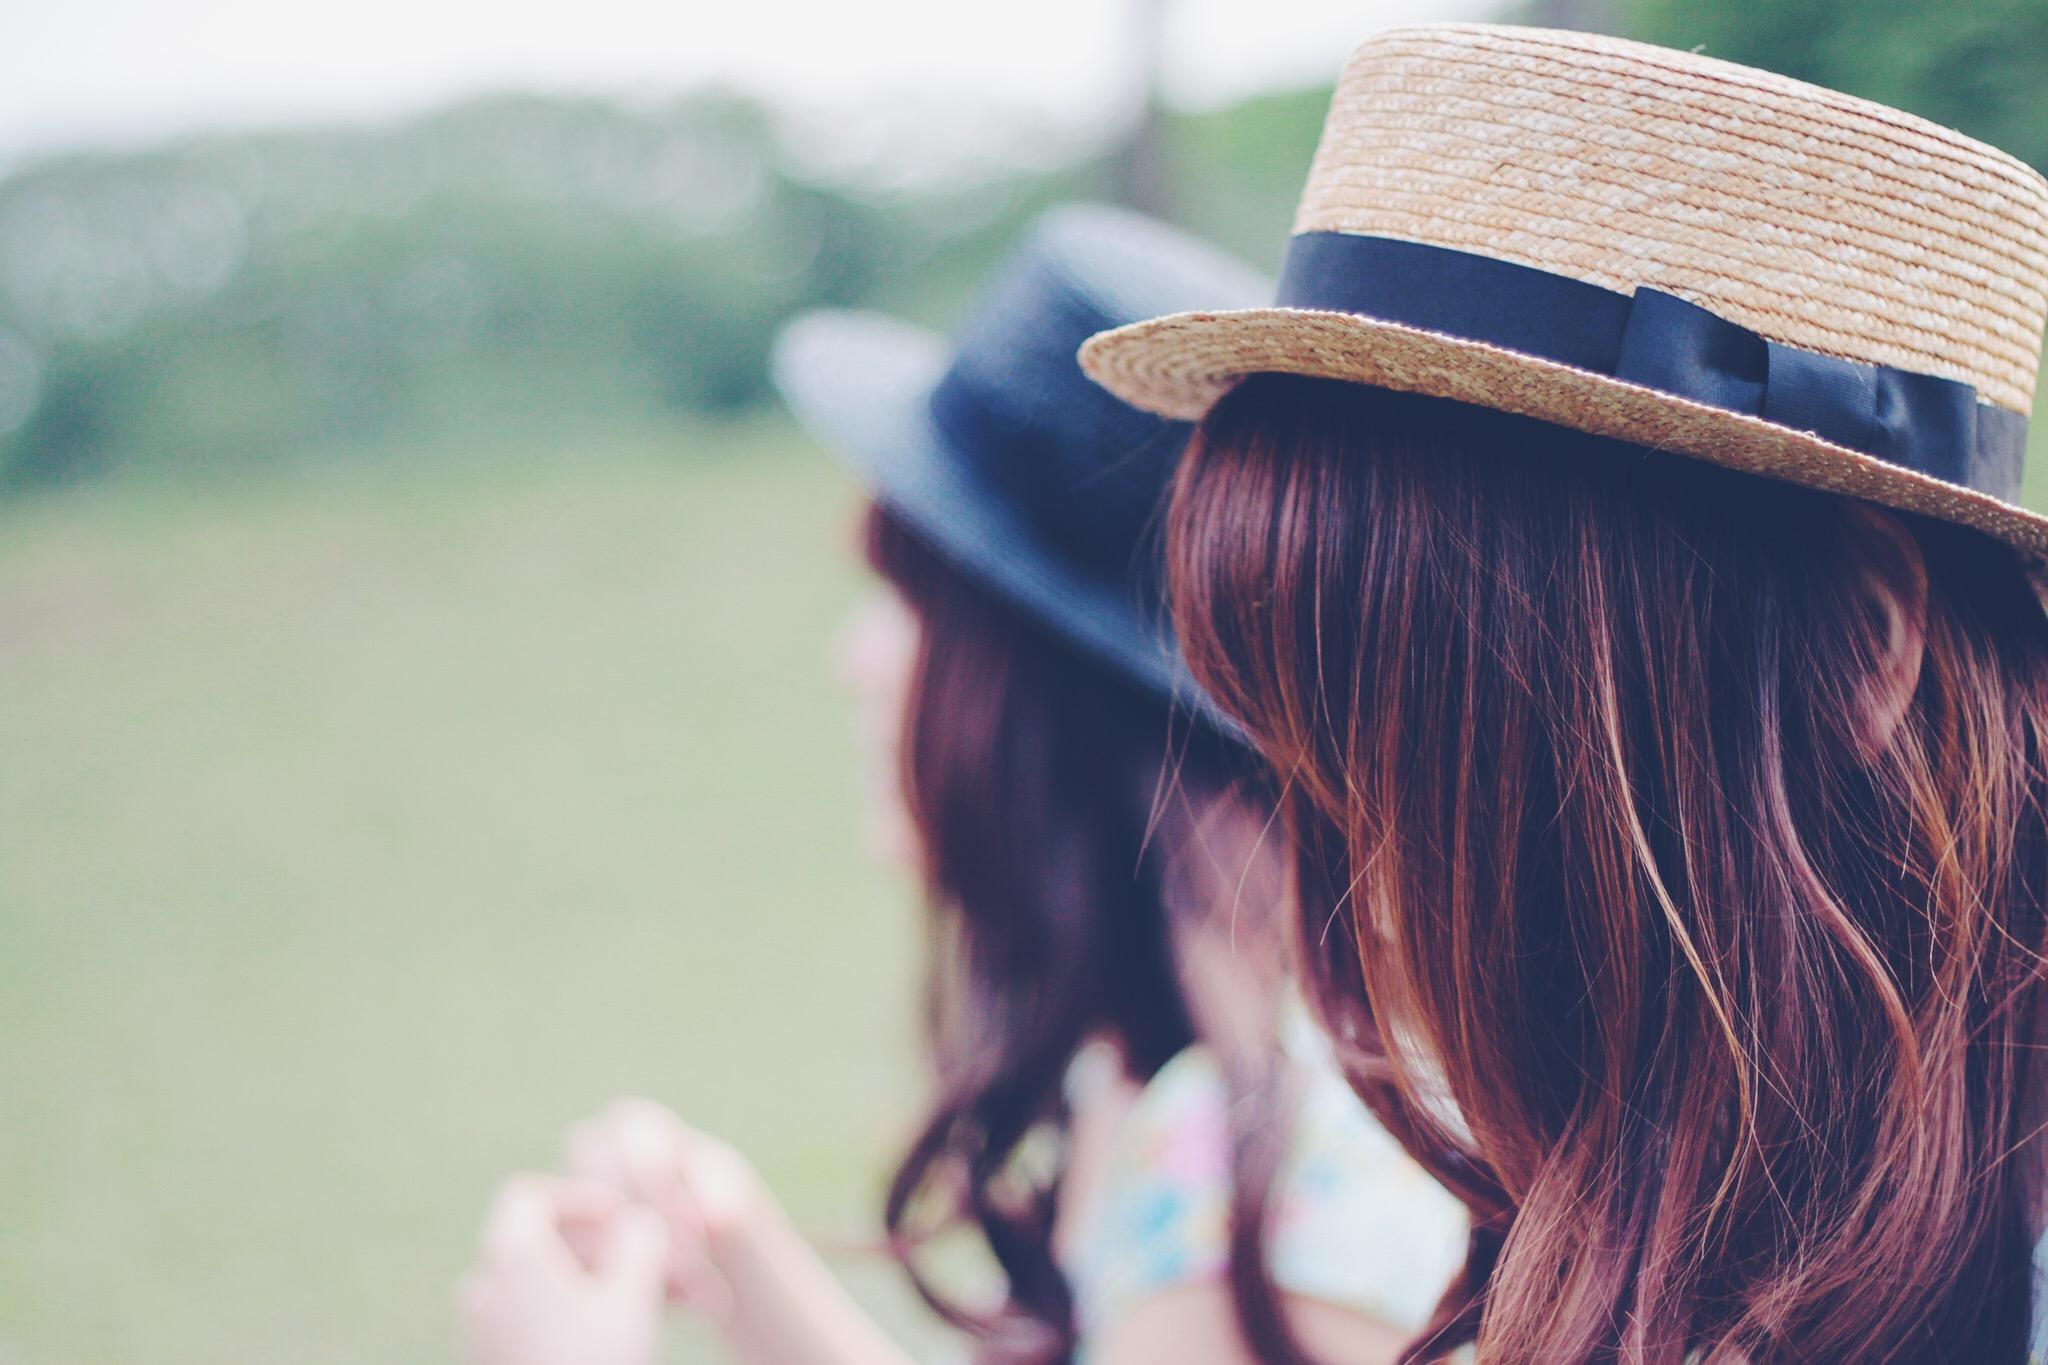 友達と好きな人が同じ?!友達と同じ人を好きになった時の対処法